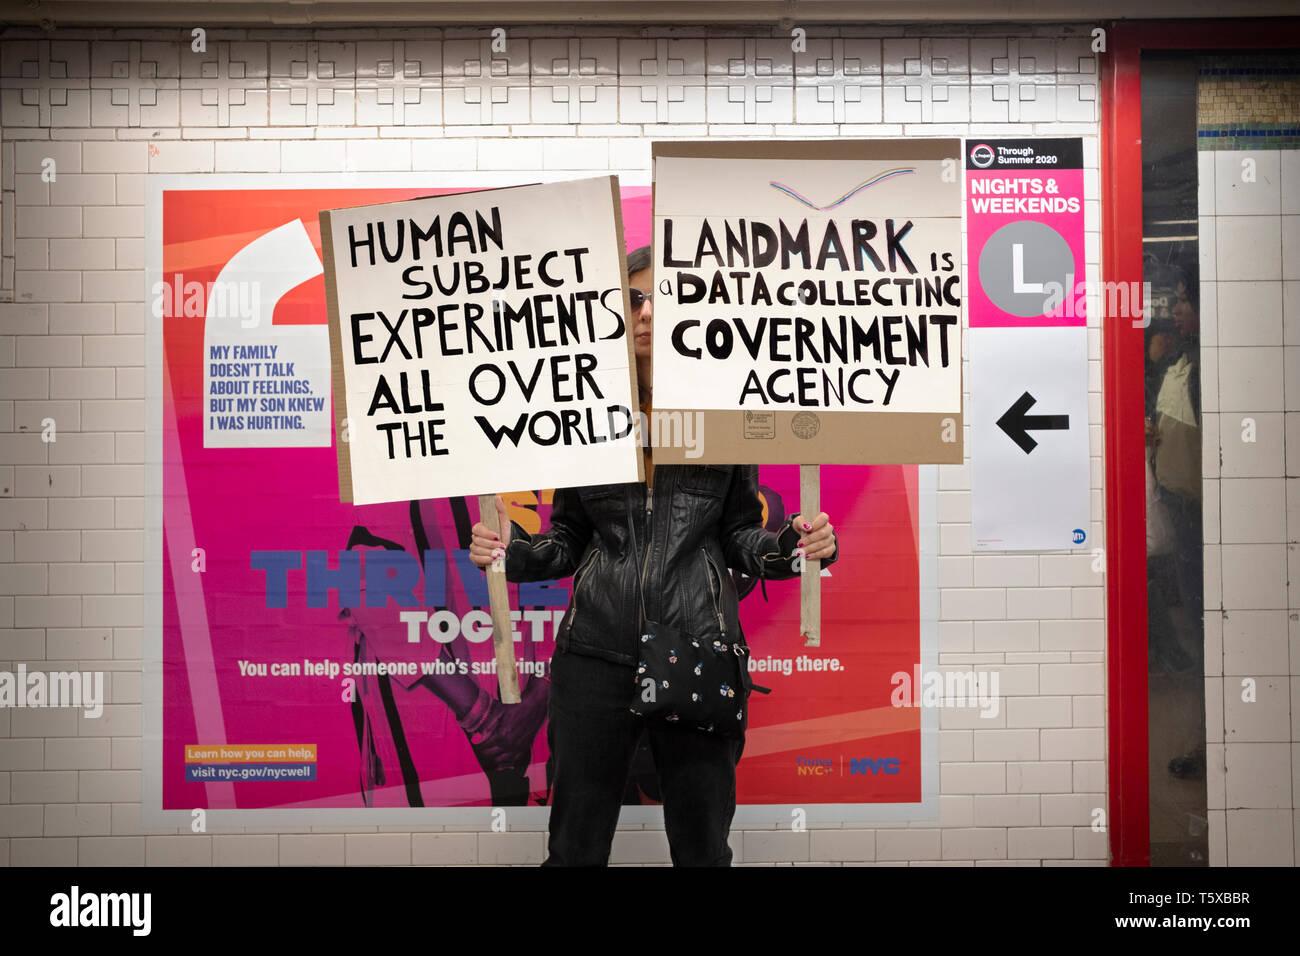 Una mujer en la estación de metro de Union Street protestando contra la recopilación de datos y la invasión de la privacidad. Imagen De Stock